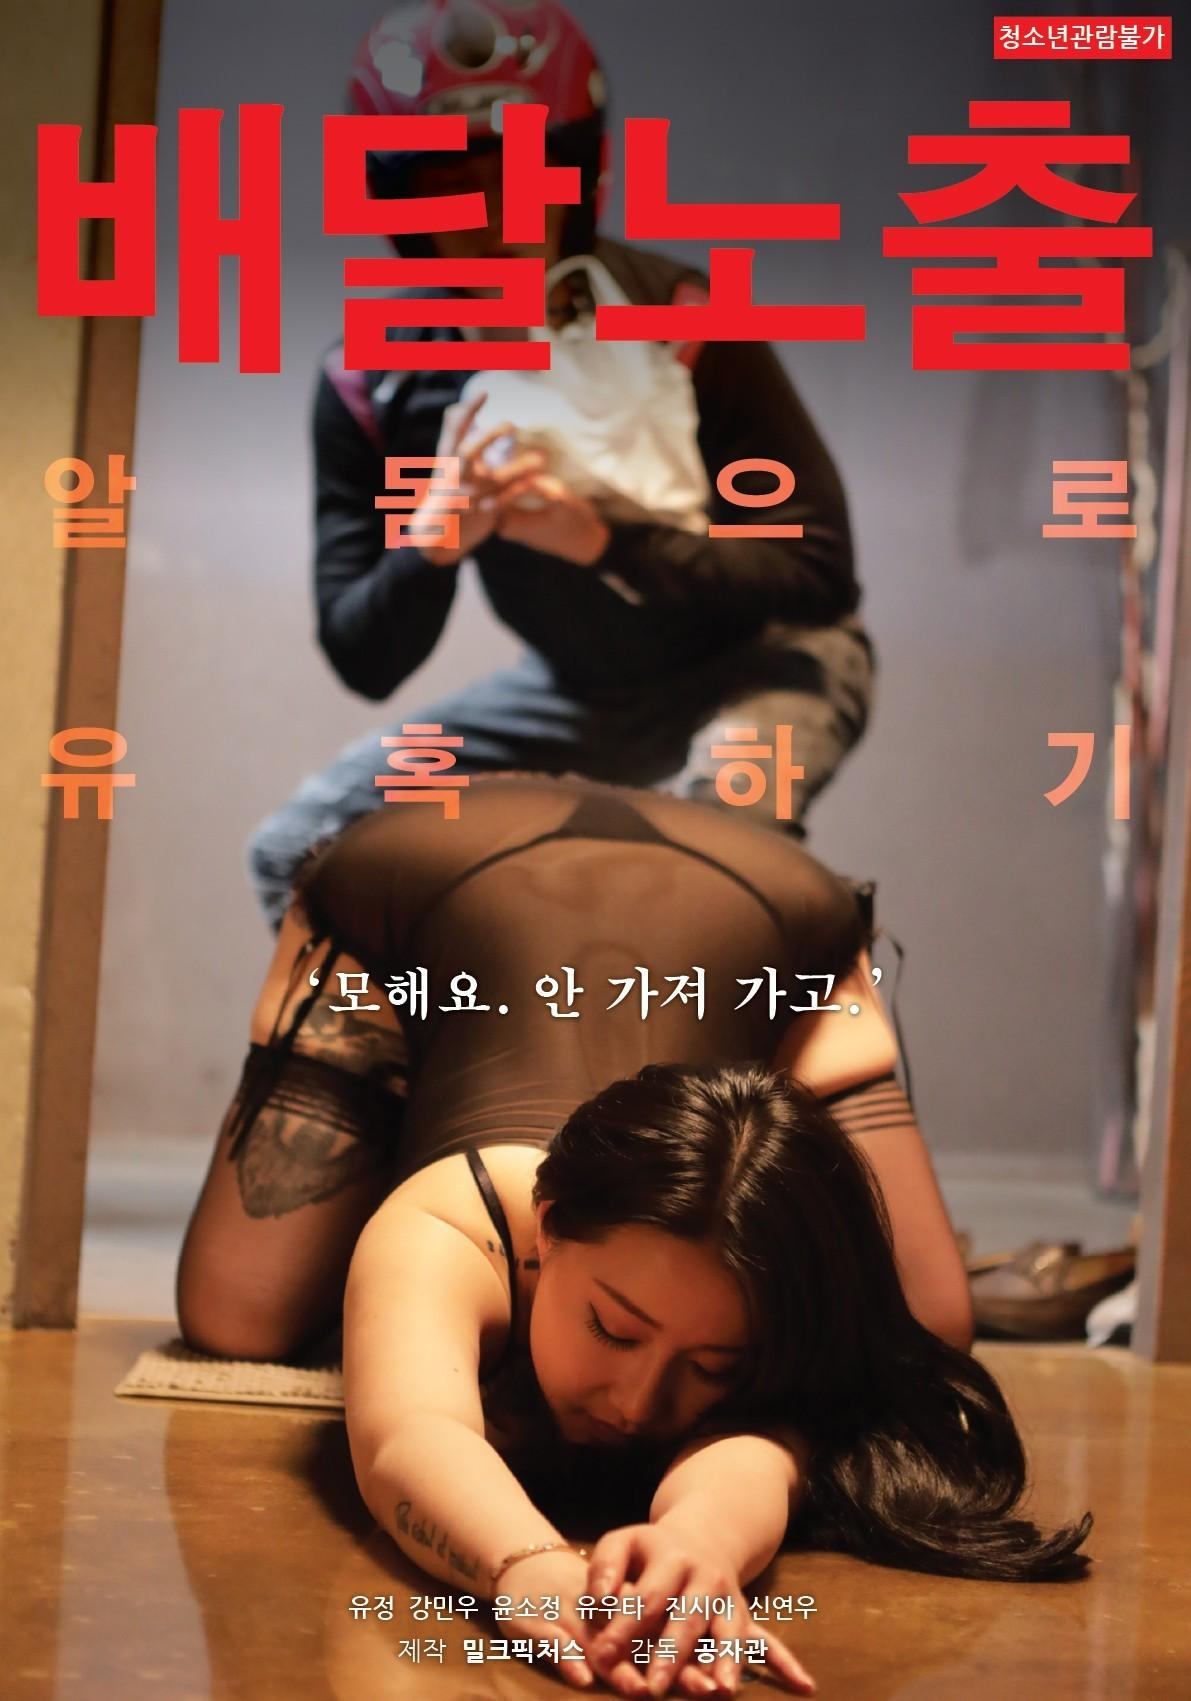 外卖曝光:赤裸诱惑海报